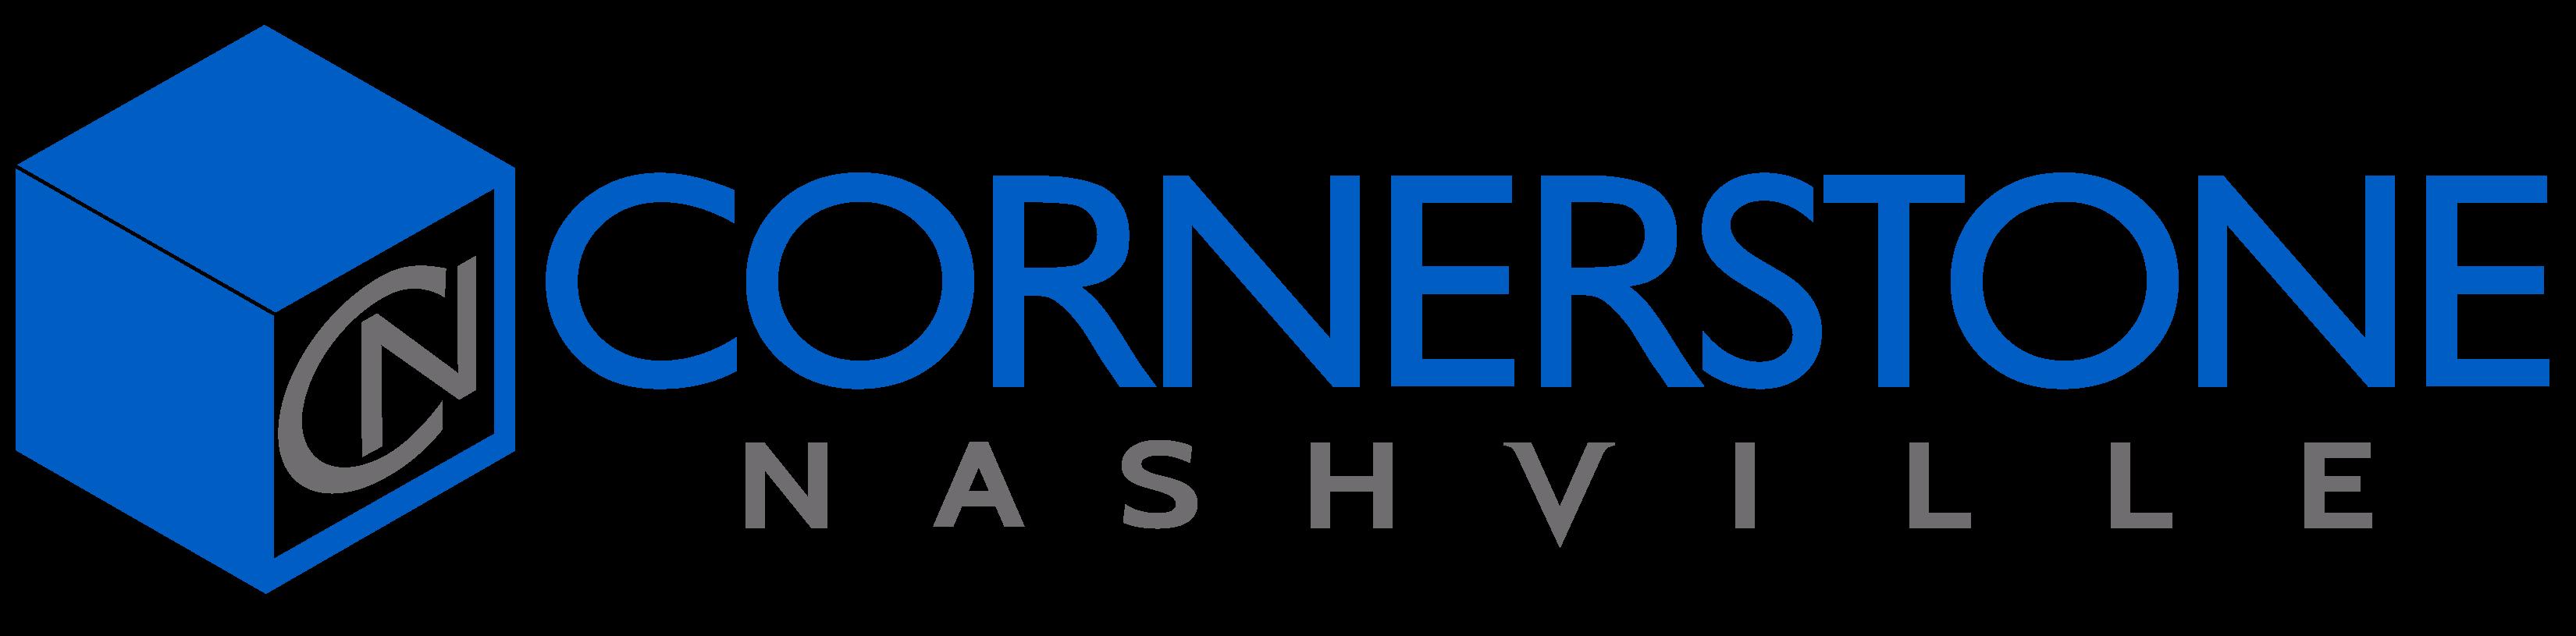 Cornerstone Nashville